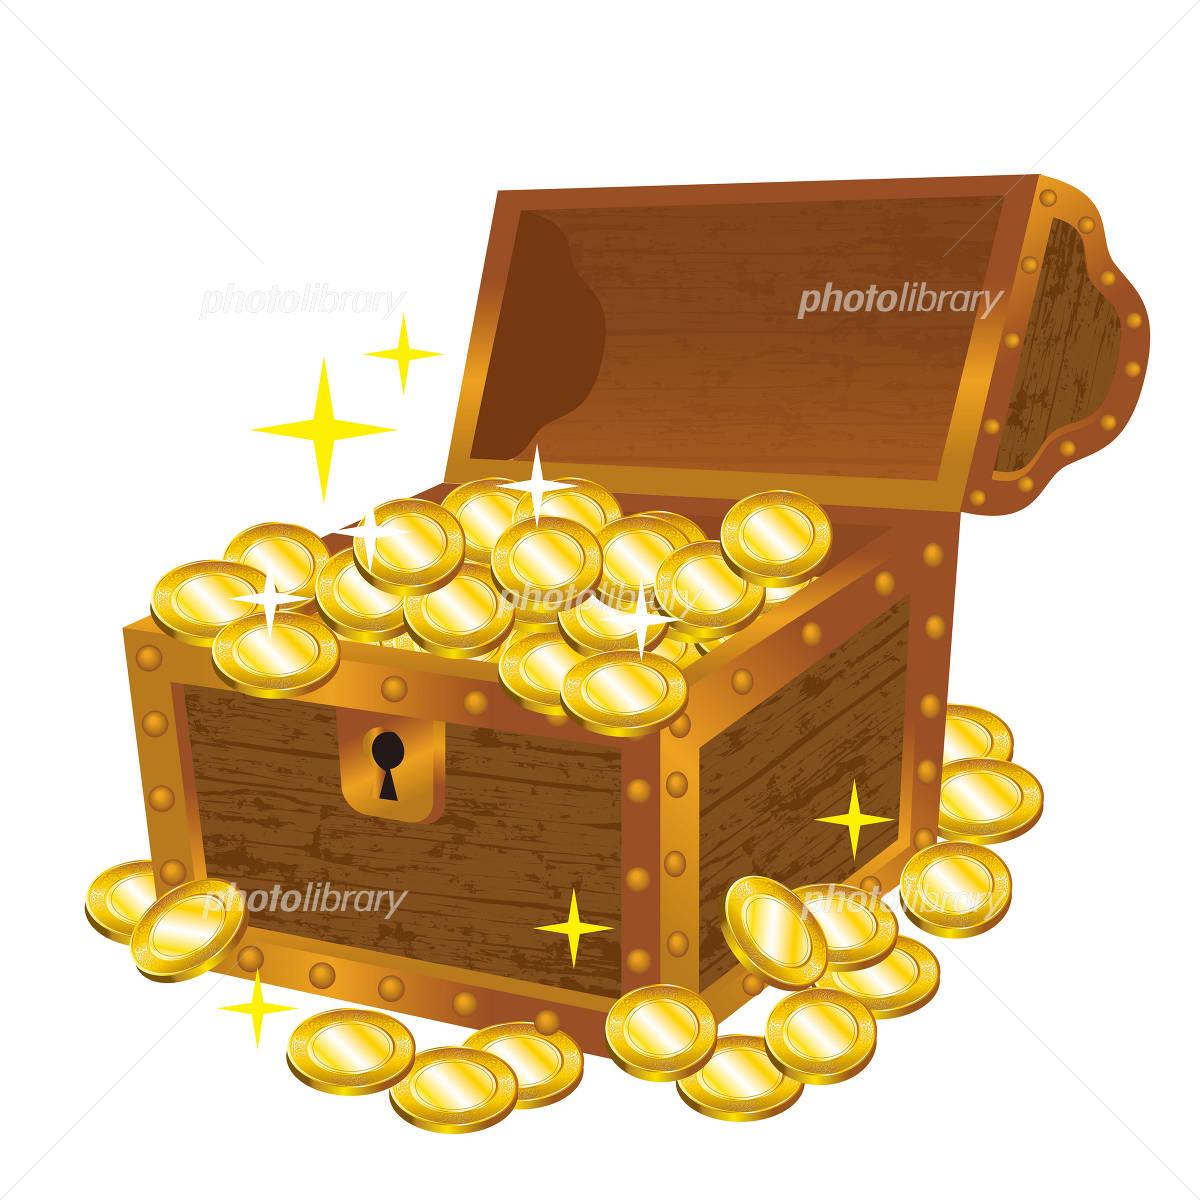 宝箱-写真素材 宝箱 画像ID 1385136   素材